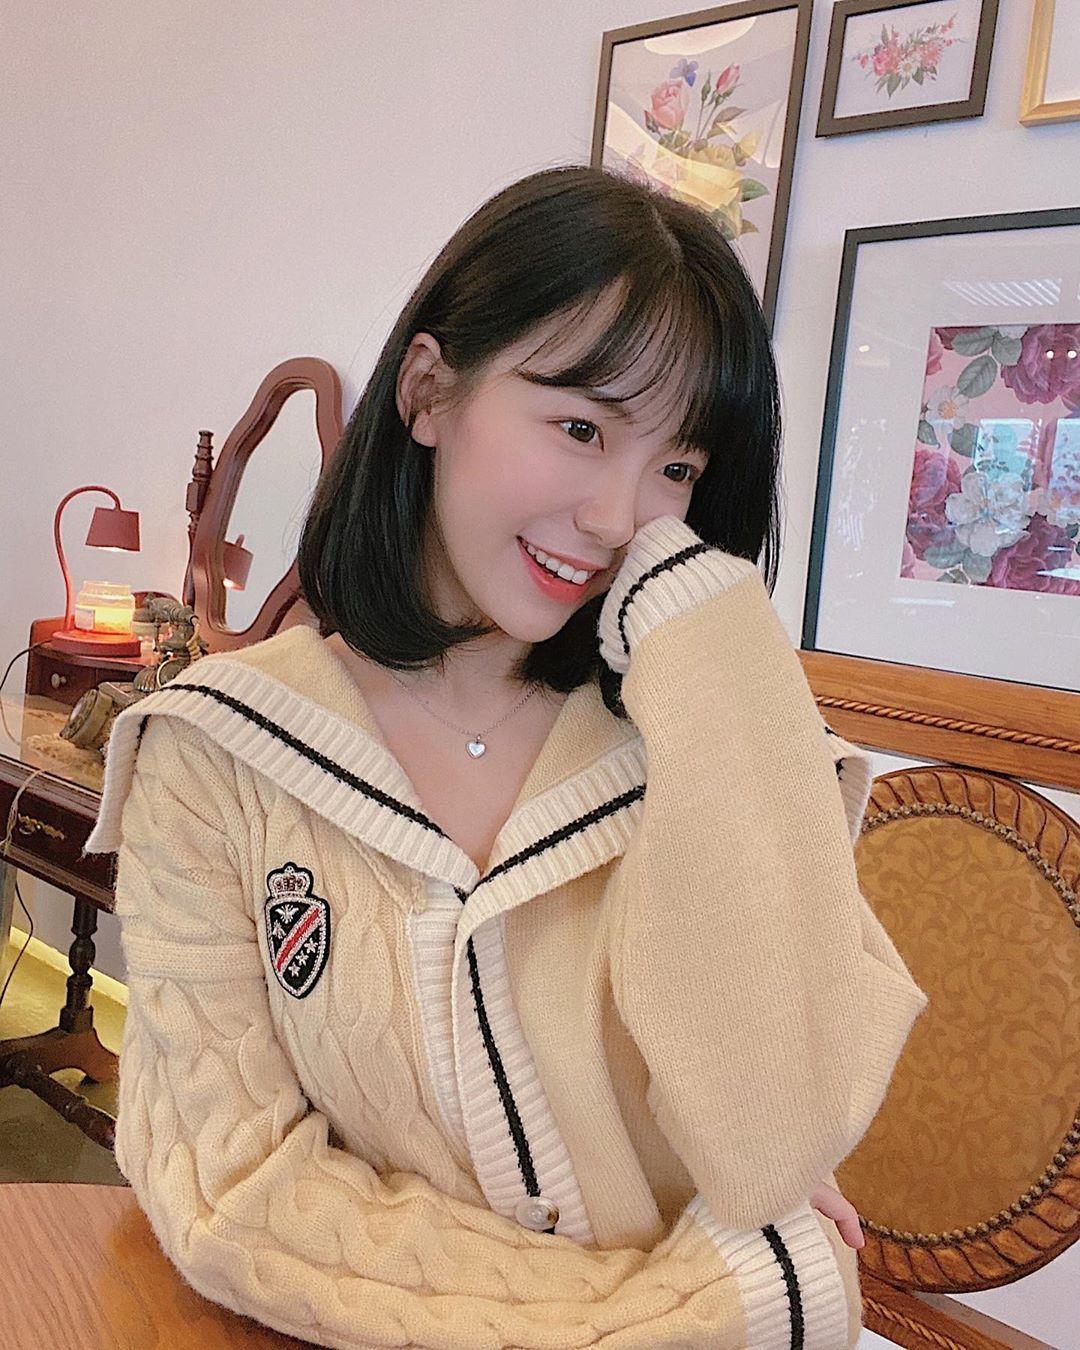 初恋系女神「쏘블리」可爱脸蛋飘散仙气亲切随和「爽朗笑容」甜到让人蛀牙-新图包